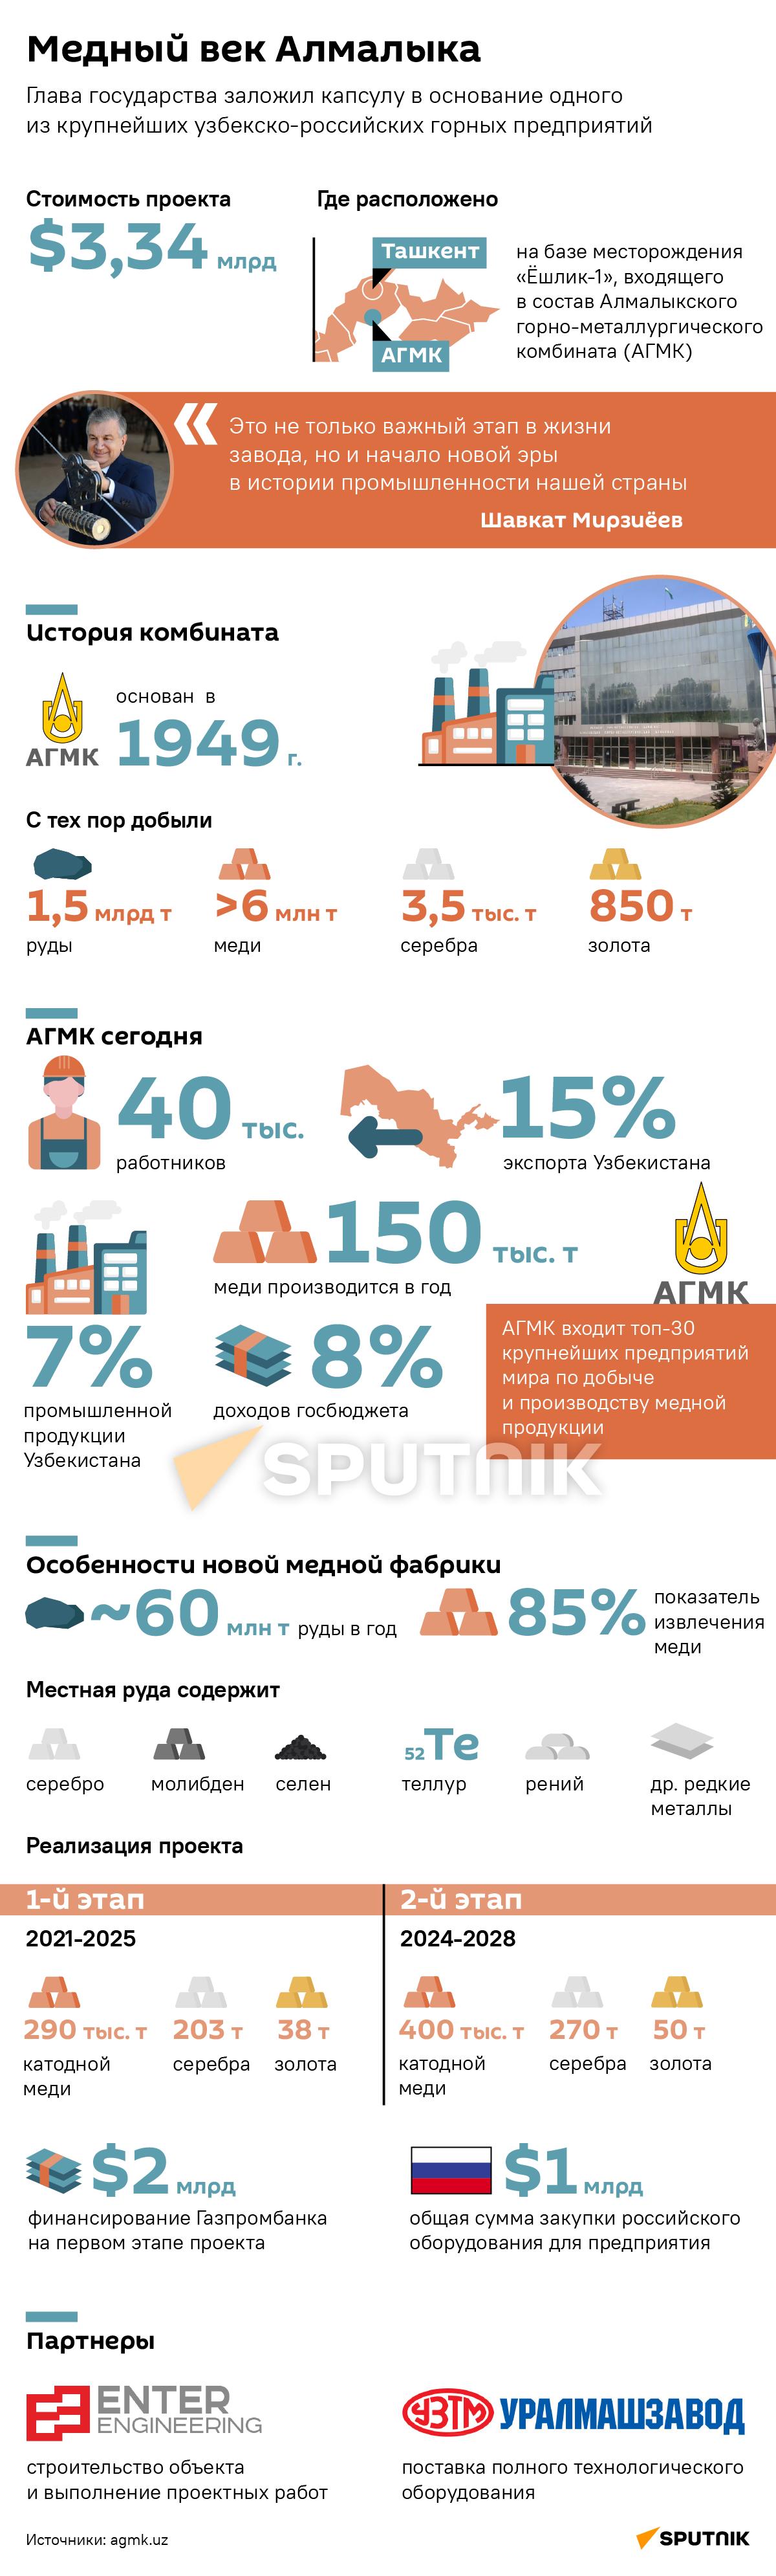 Медный век Алмалыка десктопная версия - Sputnik Узбекистан